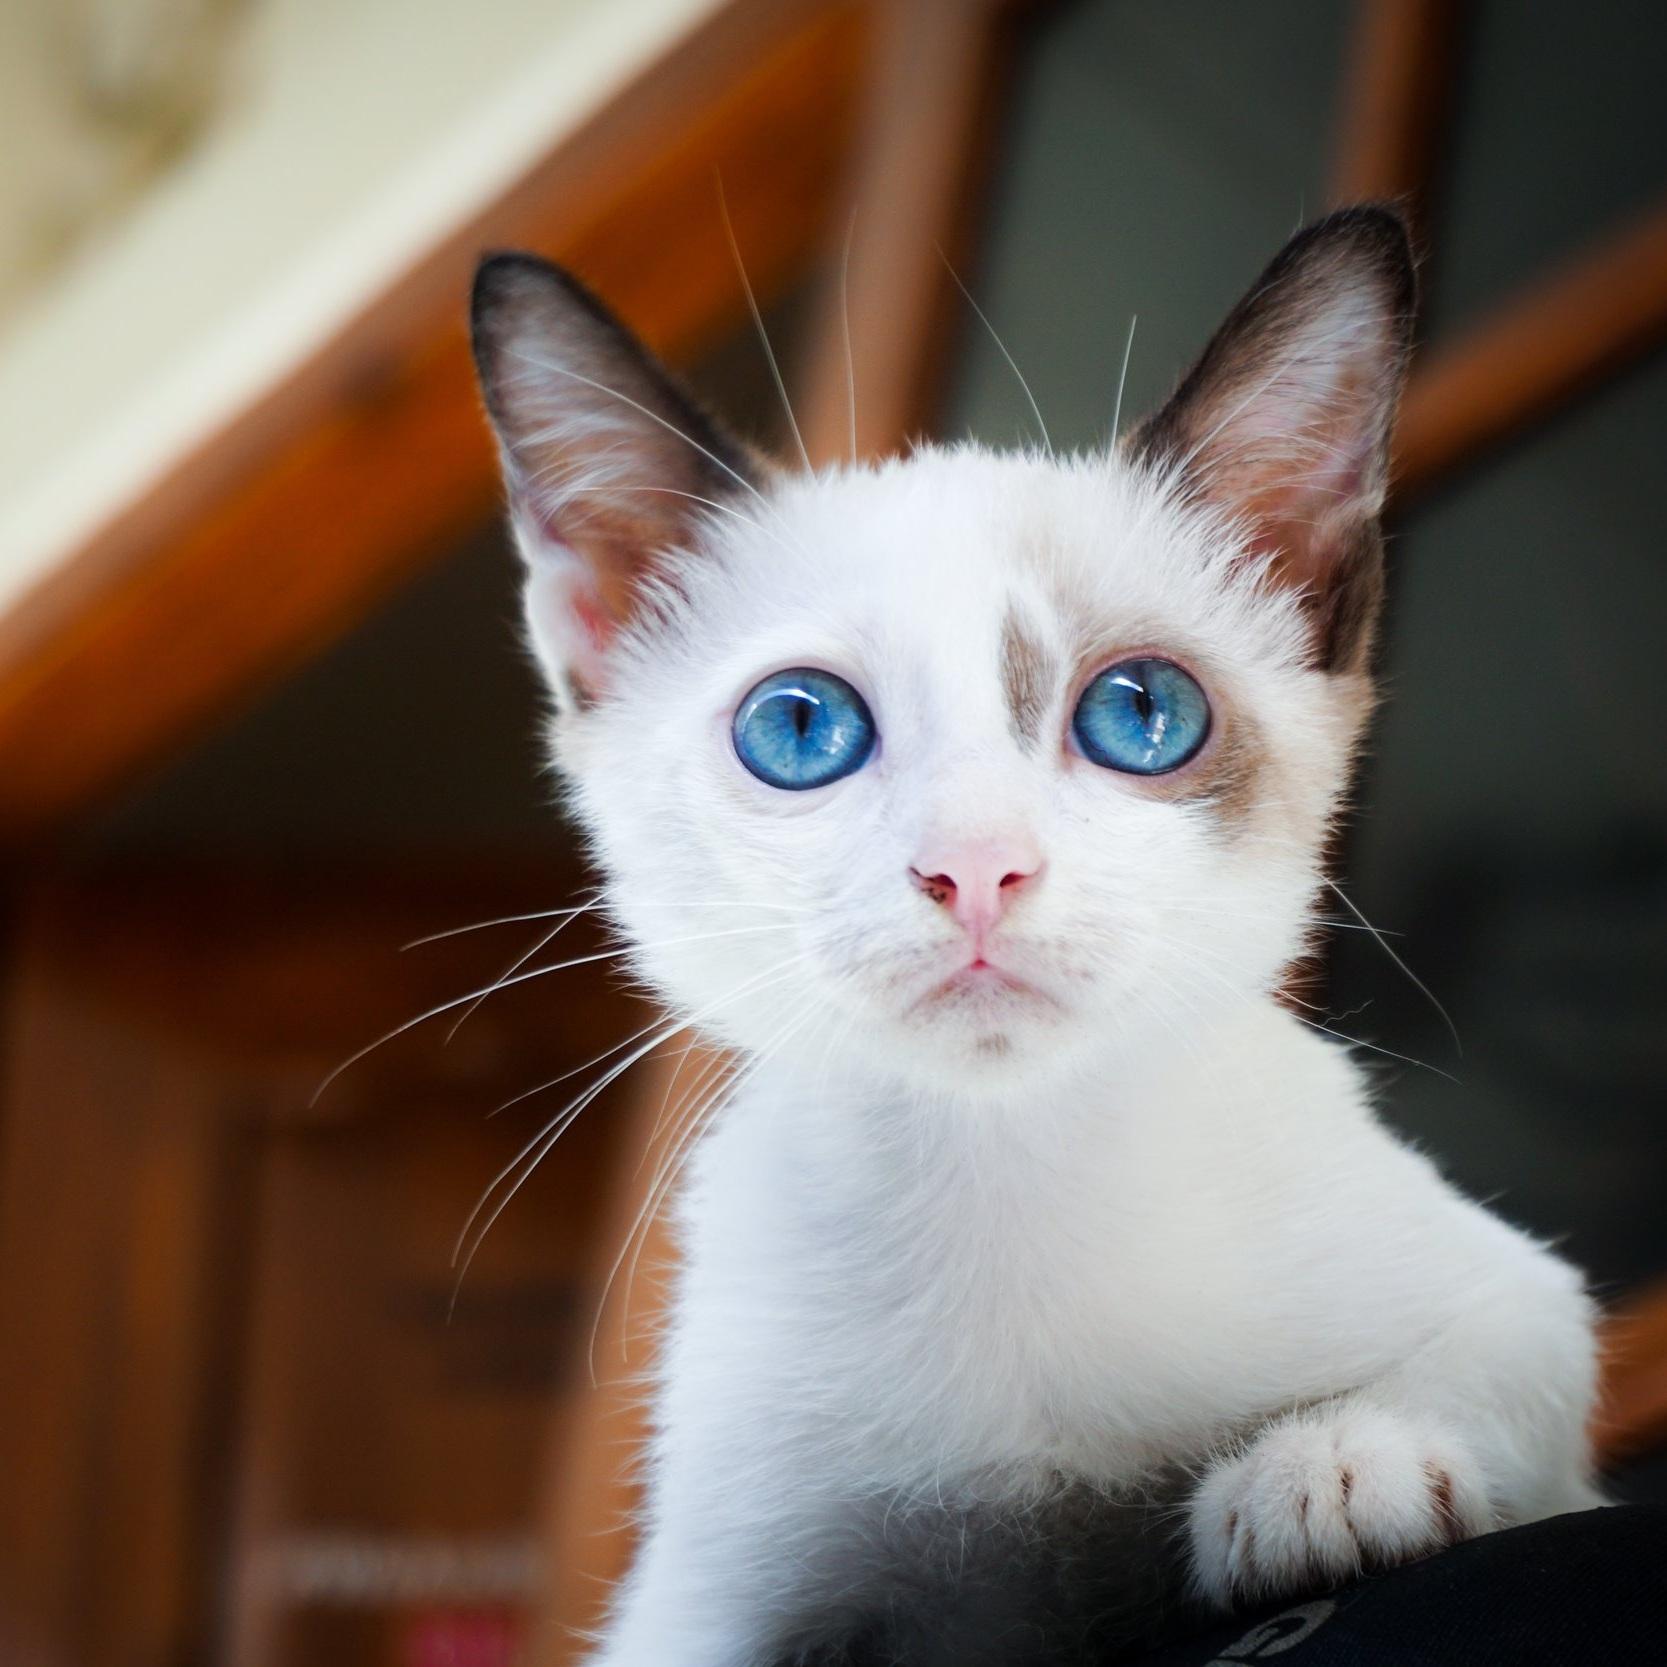 adorable-animal-animal-photography-171227.jpg